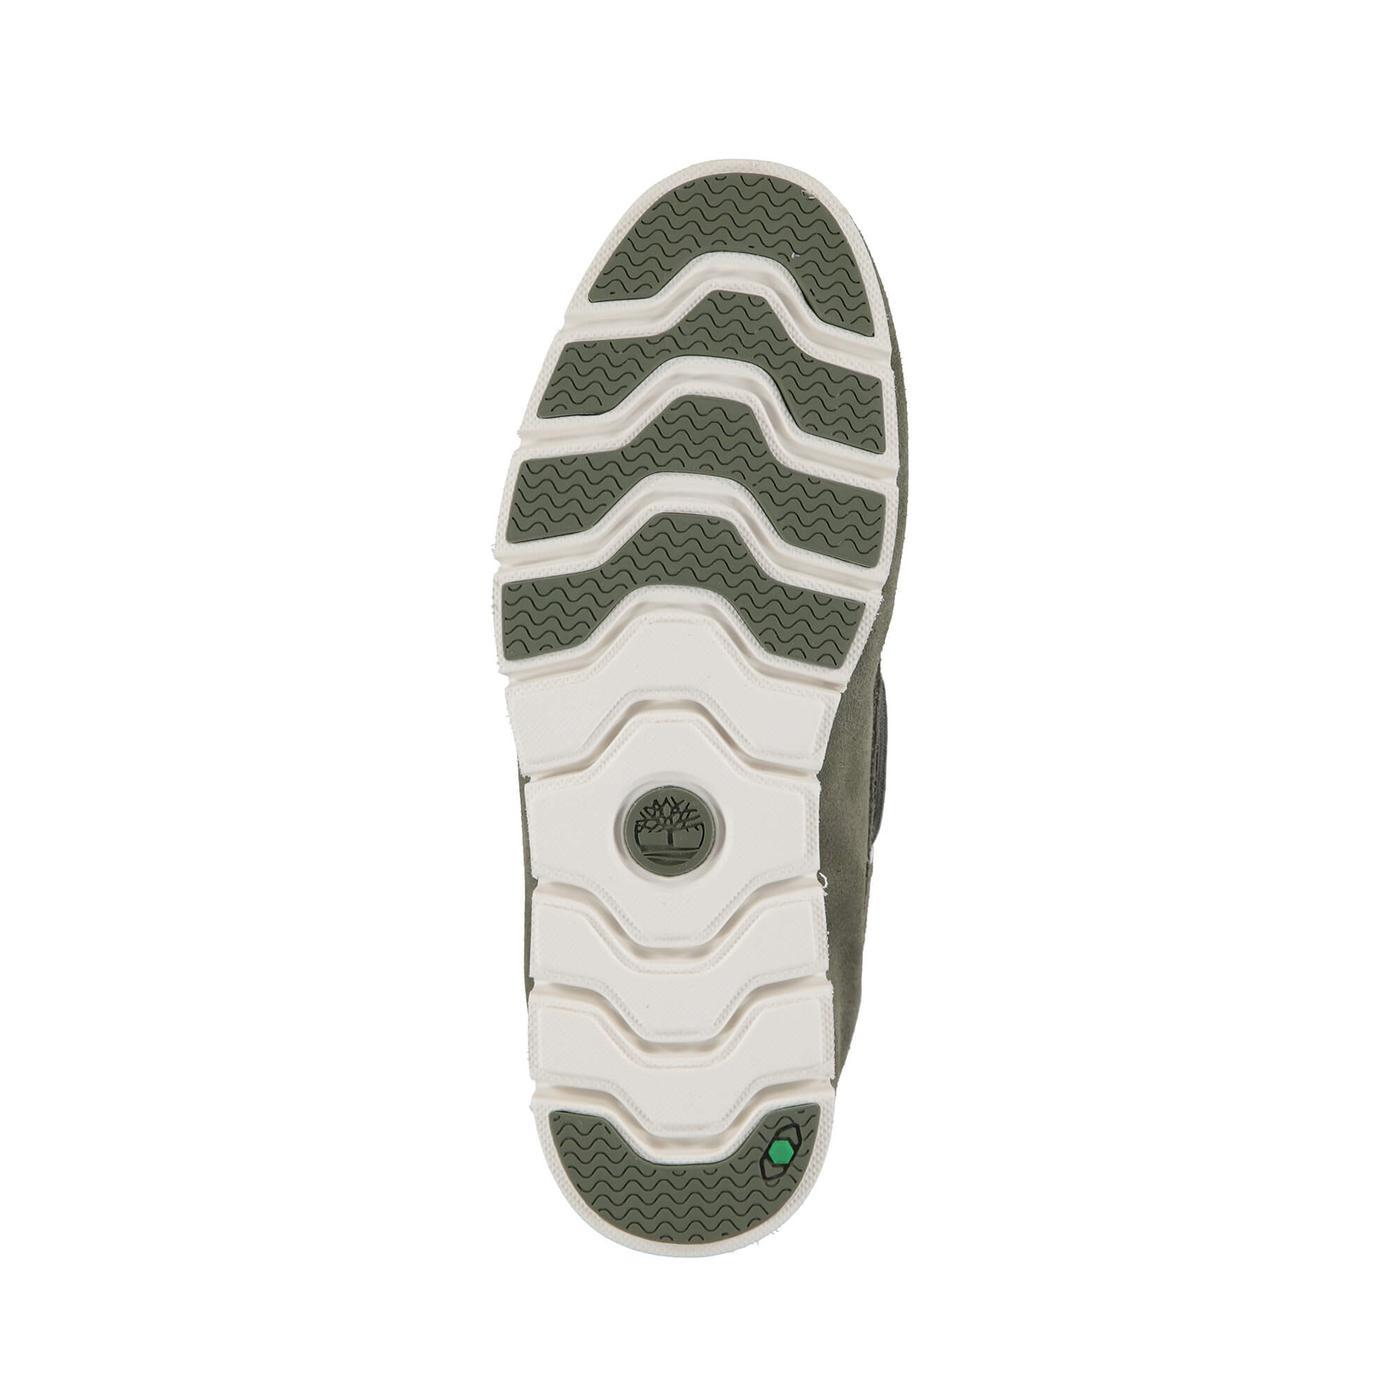 Timberland Tidelands 2 Eye Suede Erkek Yeşil Sneakers